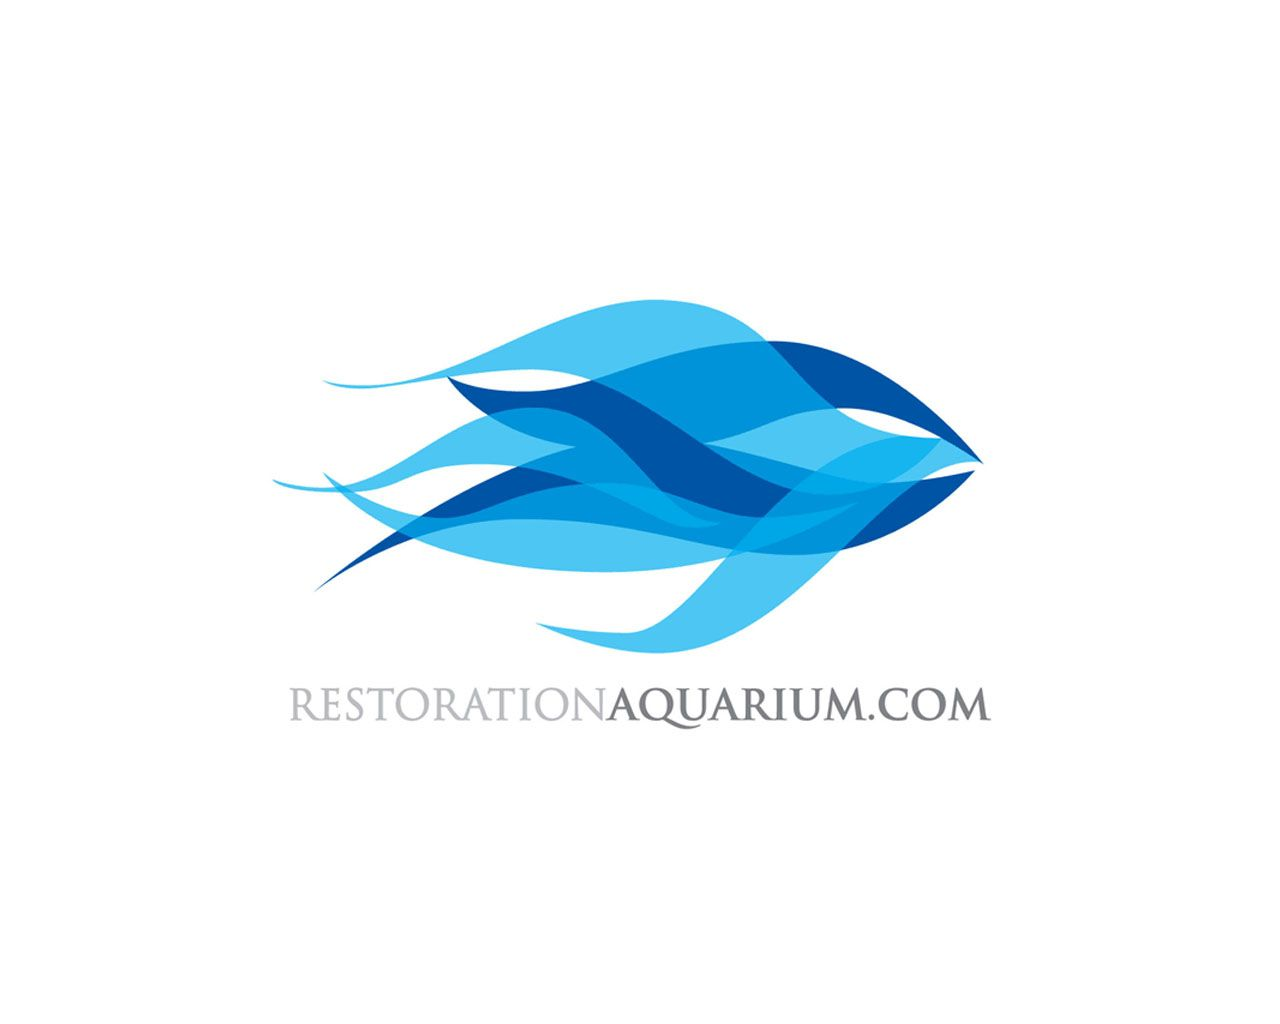 aquarium logo designs 1000 aquarium ideas